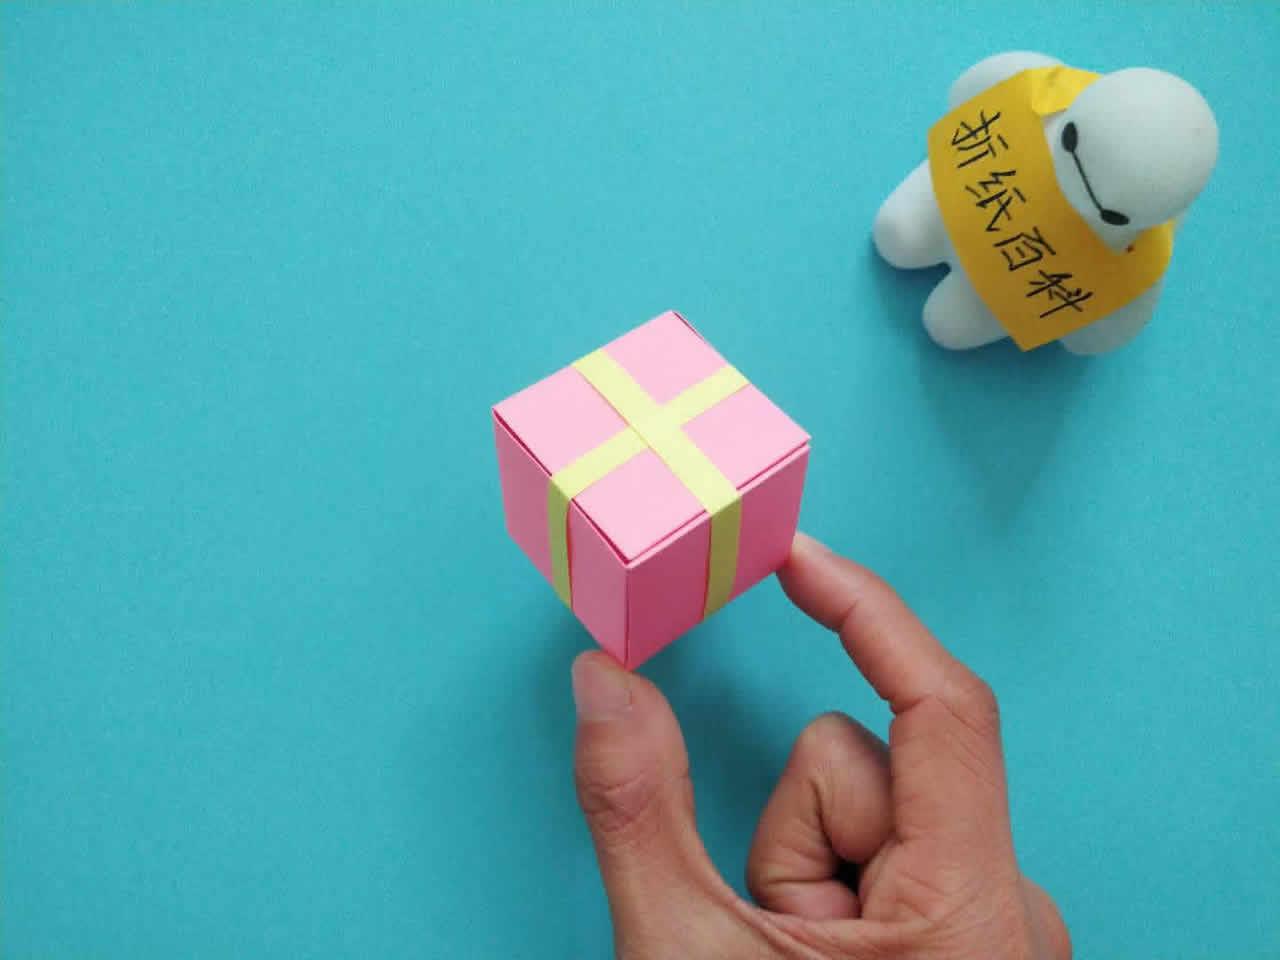 教你折纸方形带盖礼品收纳盒,简单又漂亮,手工折纸图解教程 家务 第9张